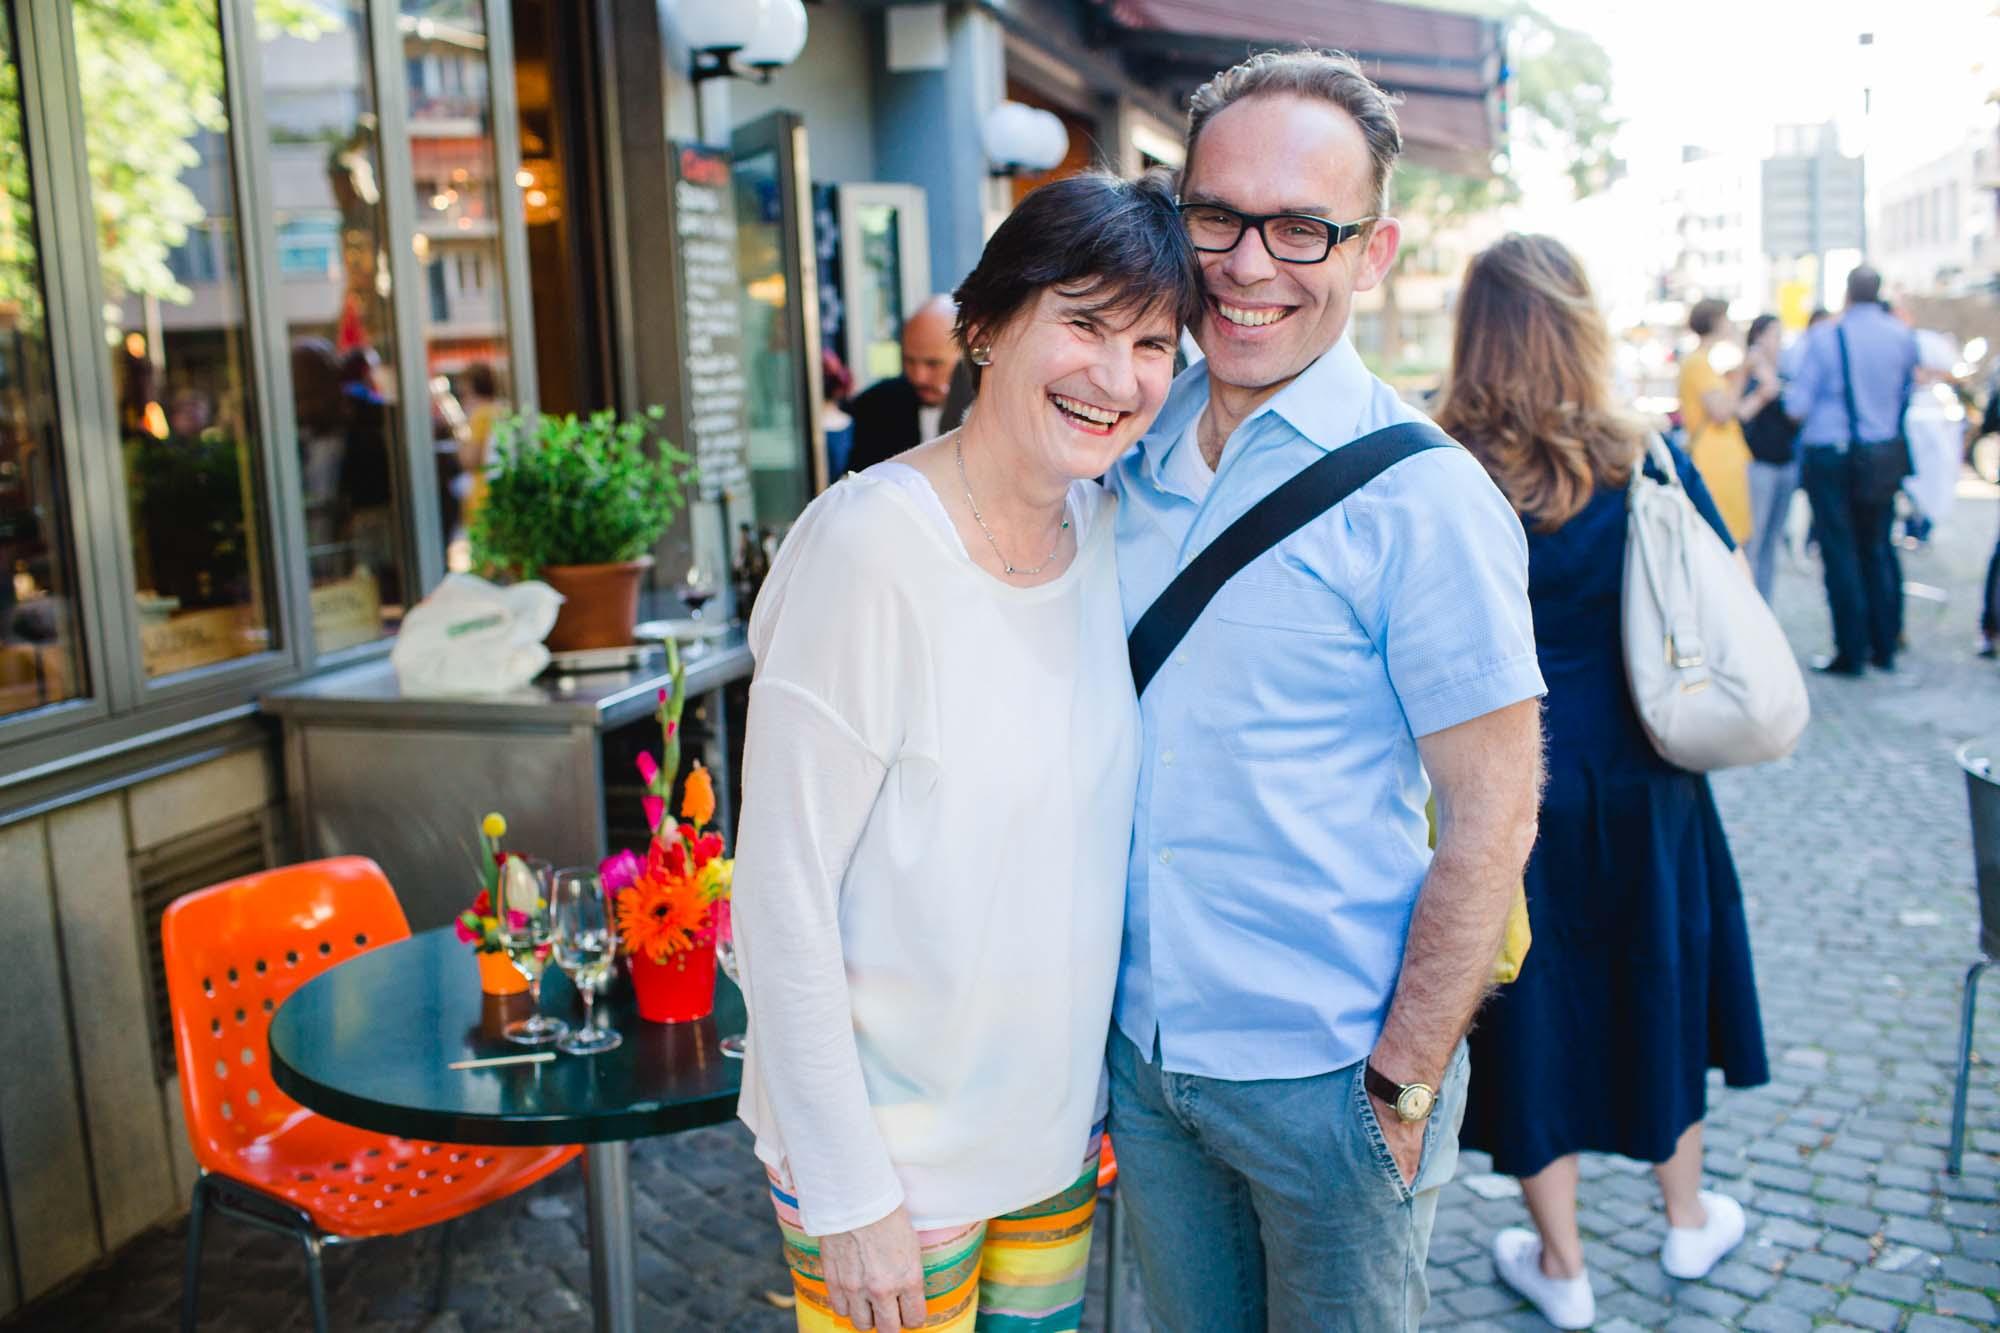 Jacqueline and Alexander Rödiger